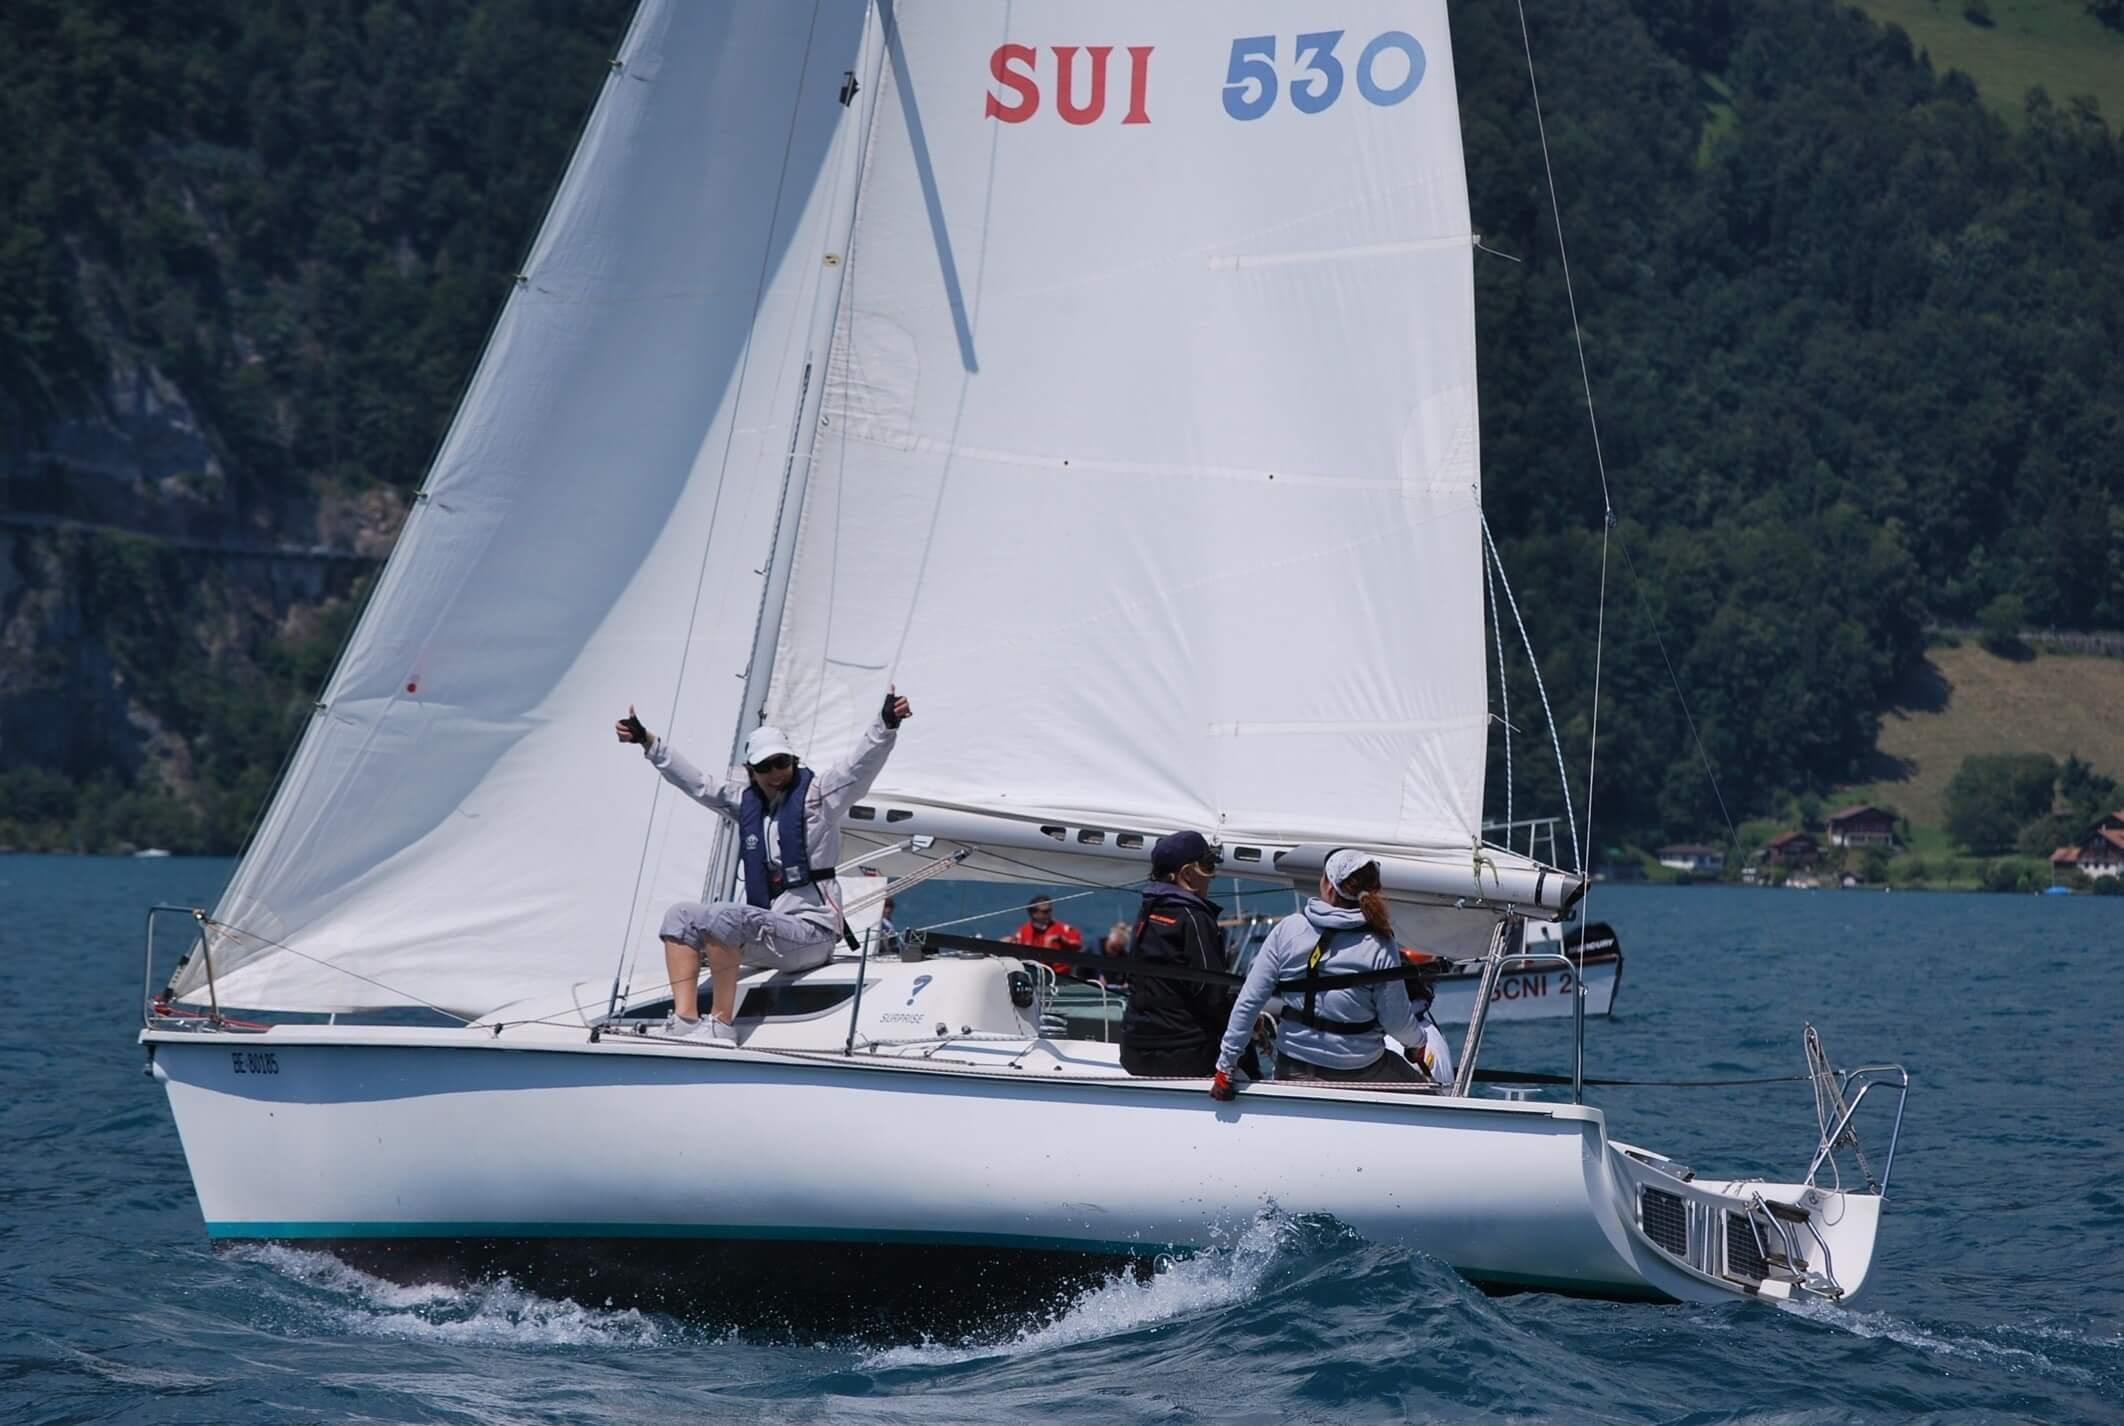 interlaken-segelschule-neuhaus-segelschiff-sommer-segeln